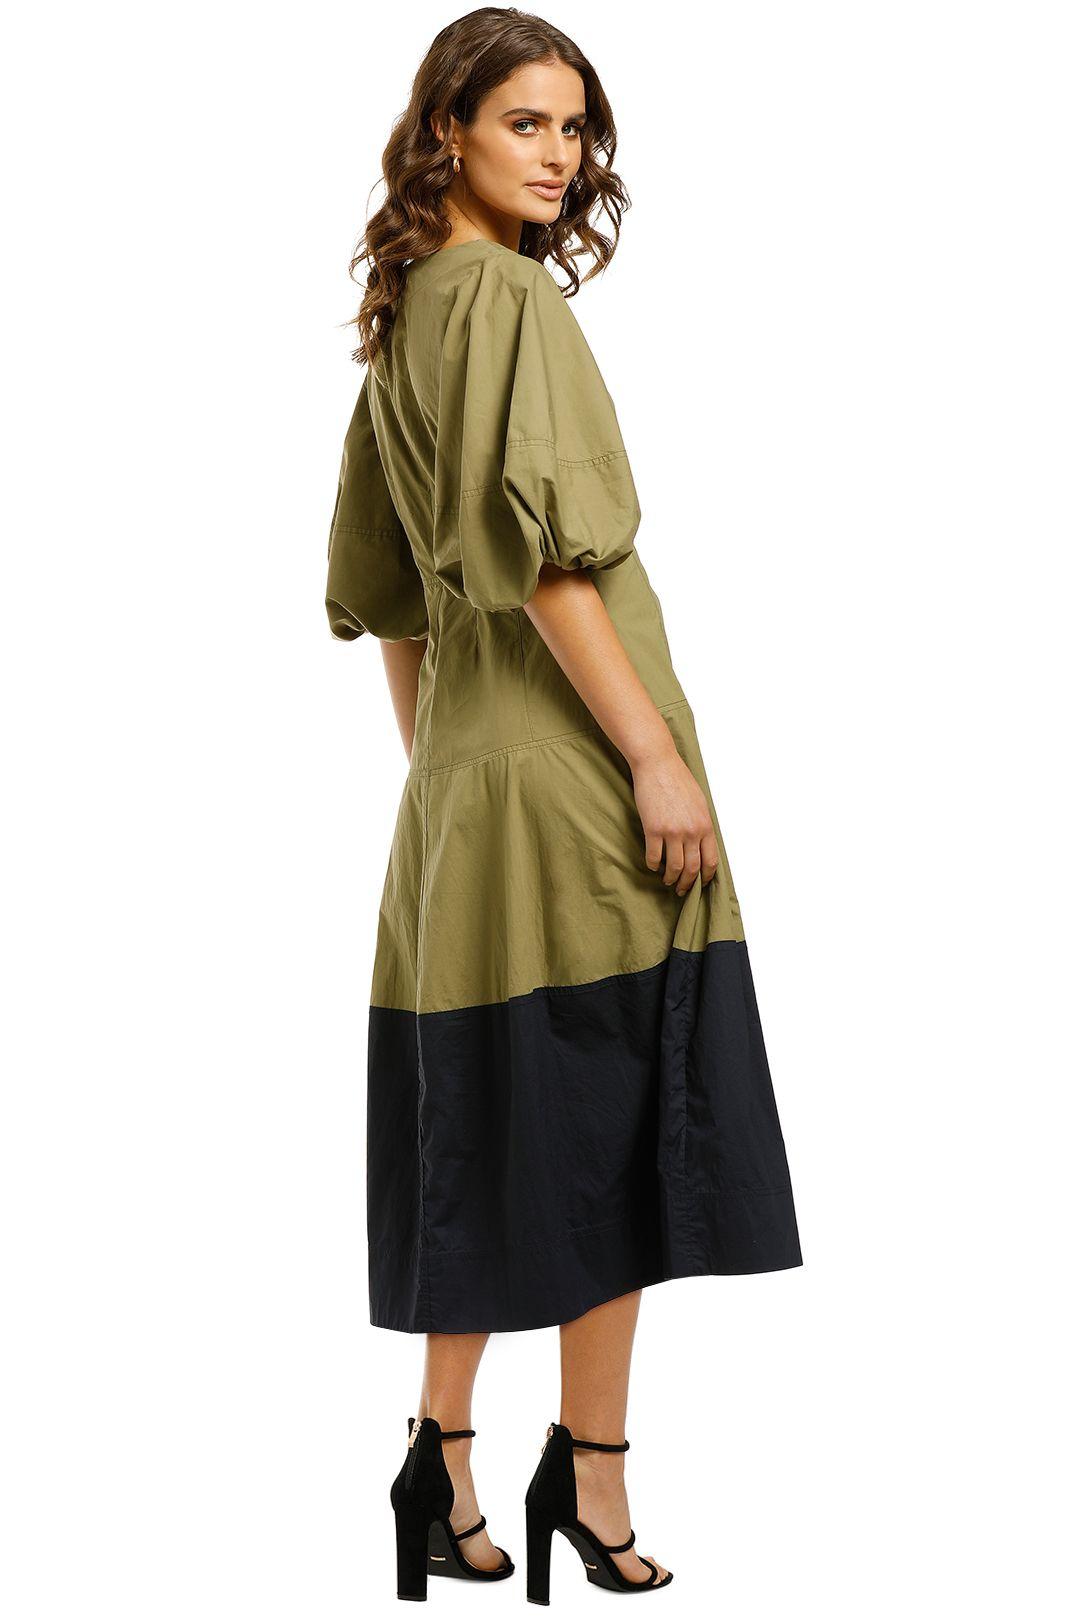 Lee-Mathews-Elsie-Balloon-Sleeve-Dress-Khaki-Back